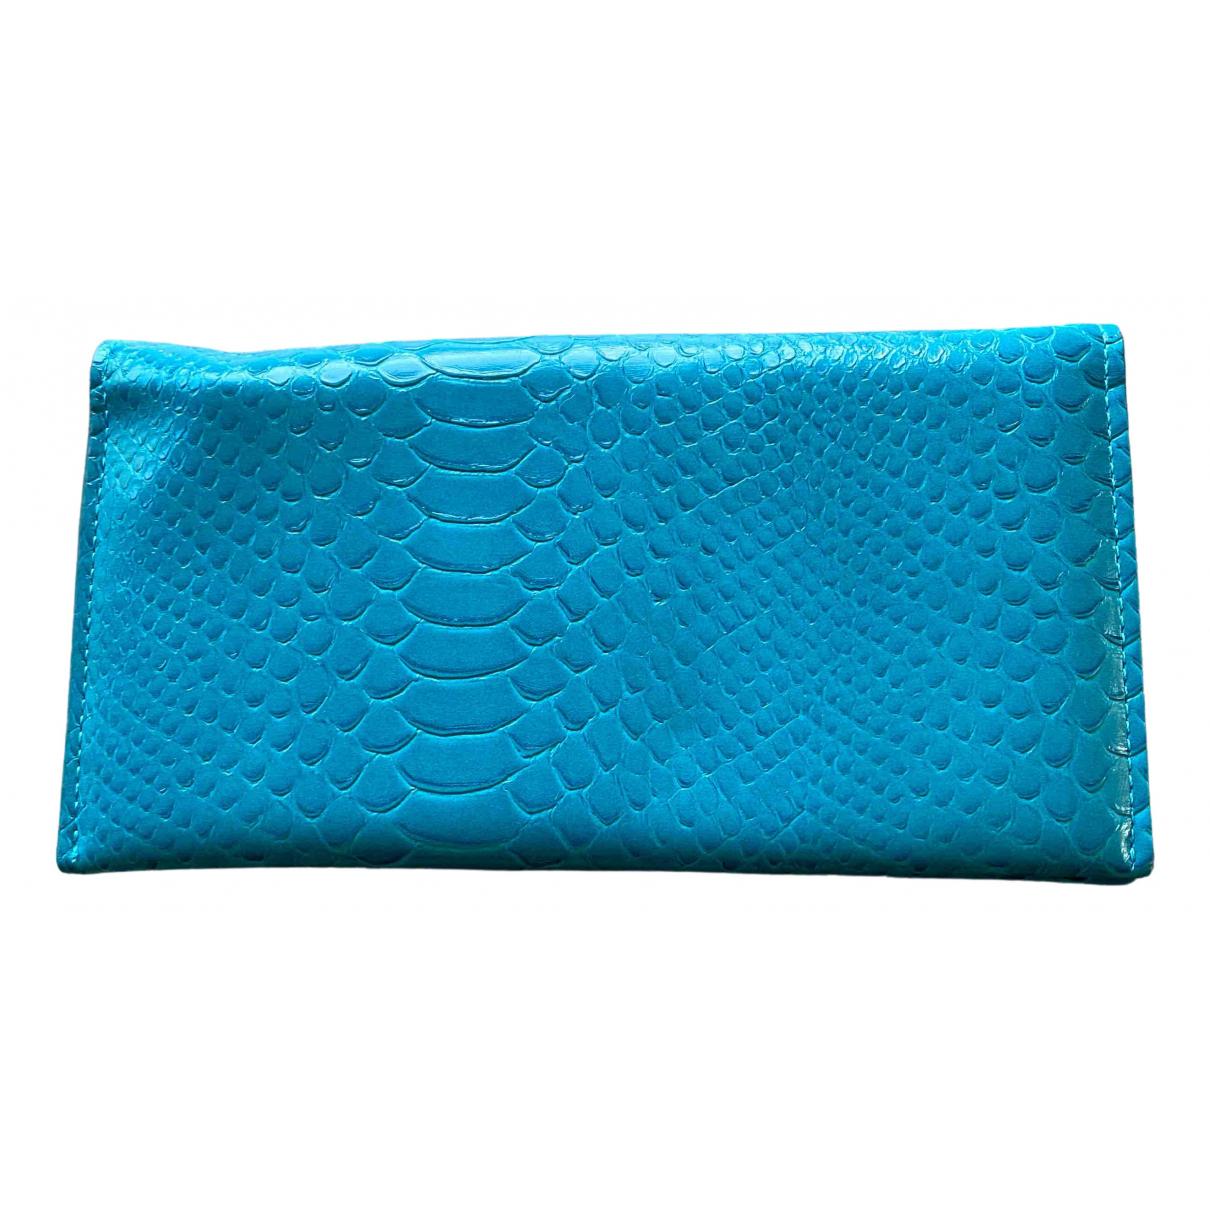 Zara - Portefeuille   pour femme - bleu